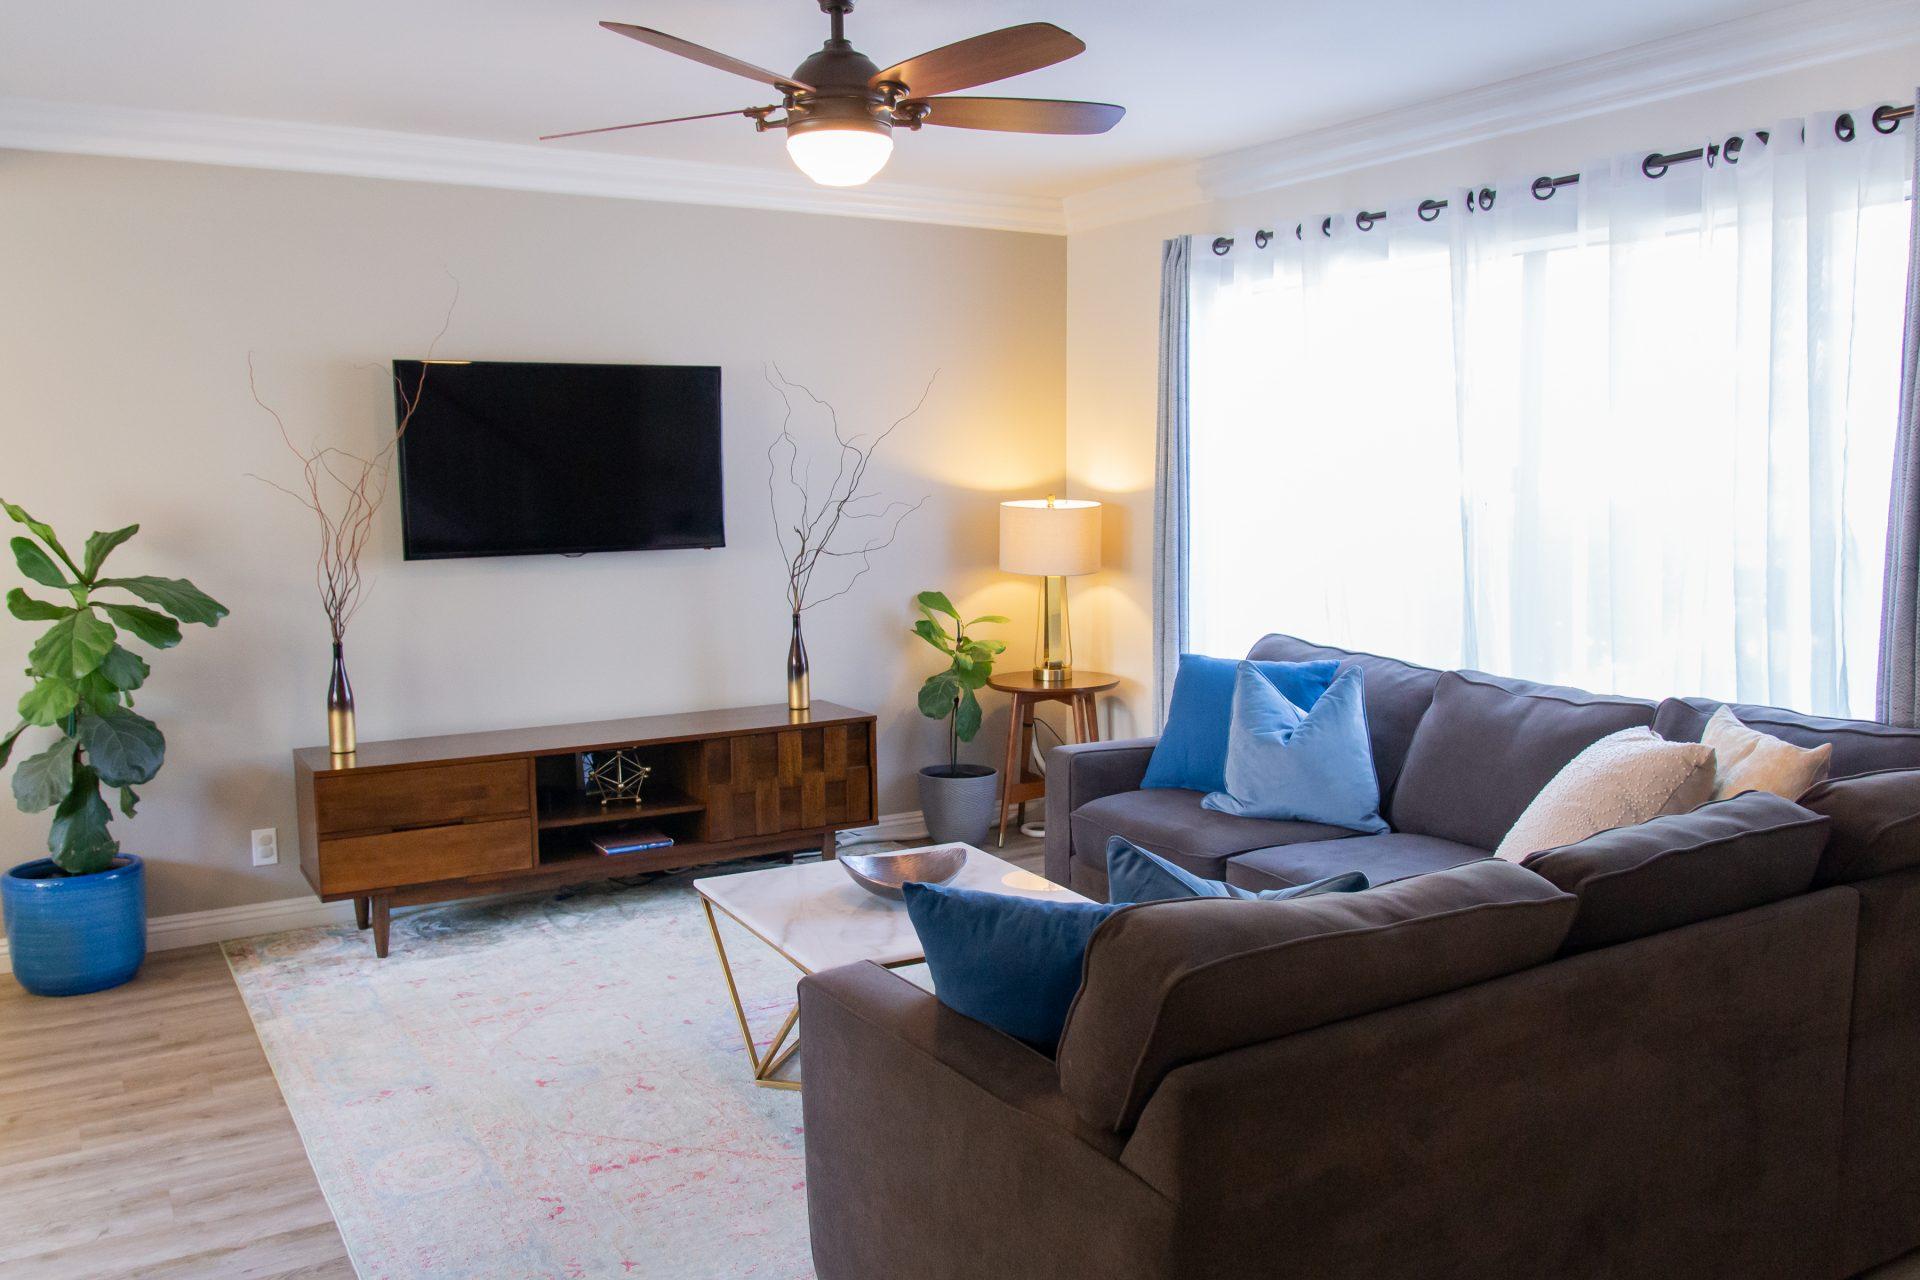 Sunlit Cozy Living Room